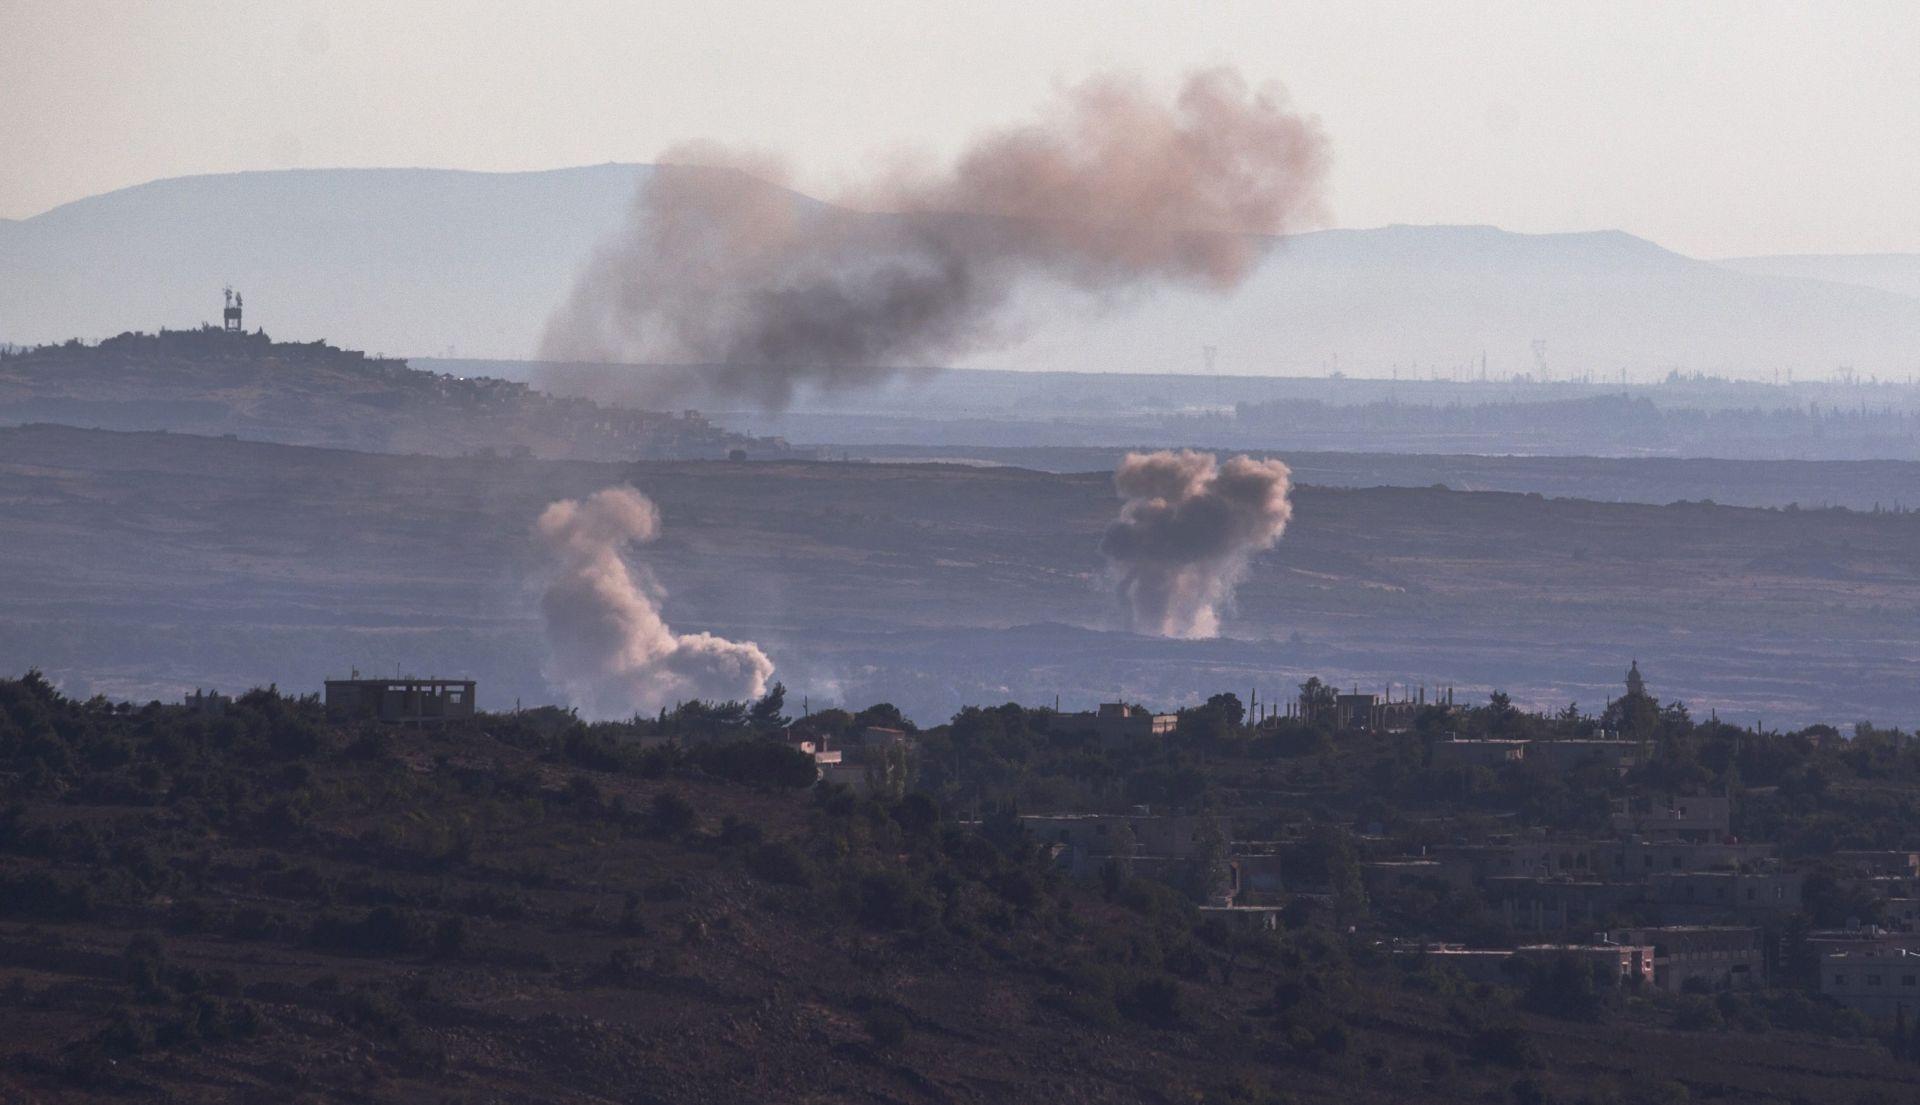 ZRAČNI UDARI: London potvrdio sudjelovanje u napadu na sirijsku vojsku